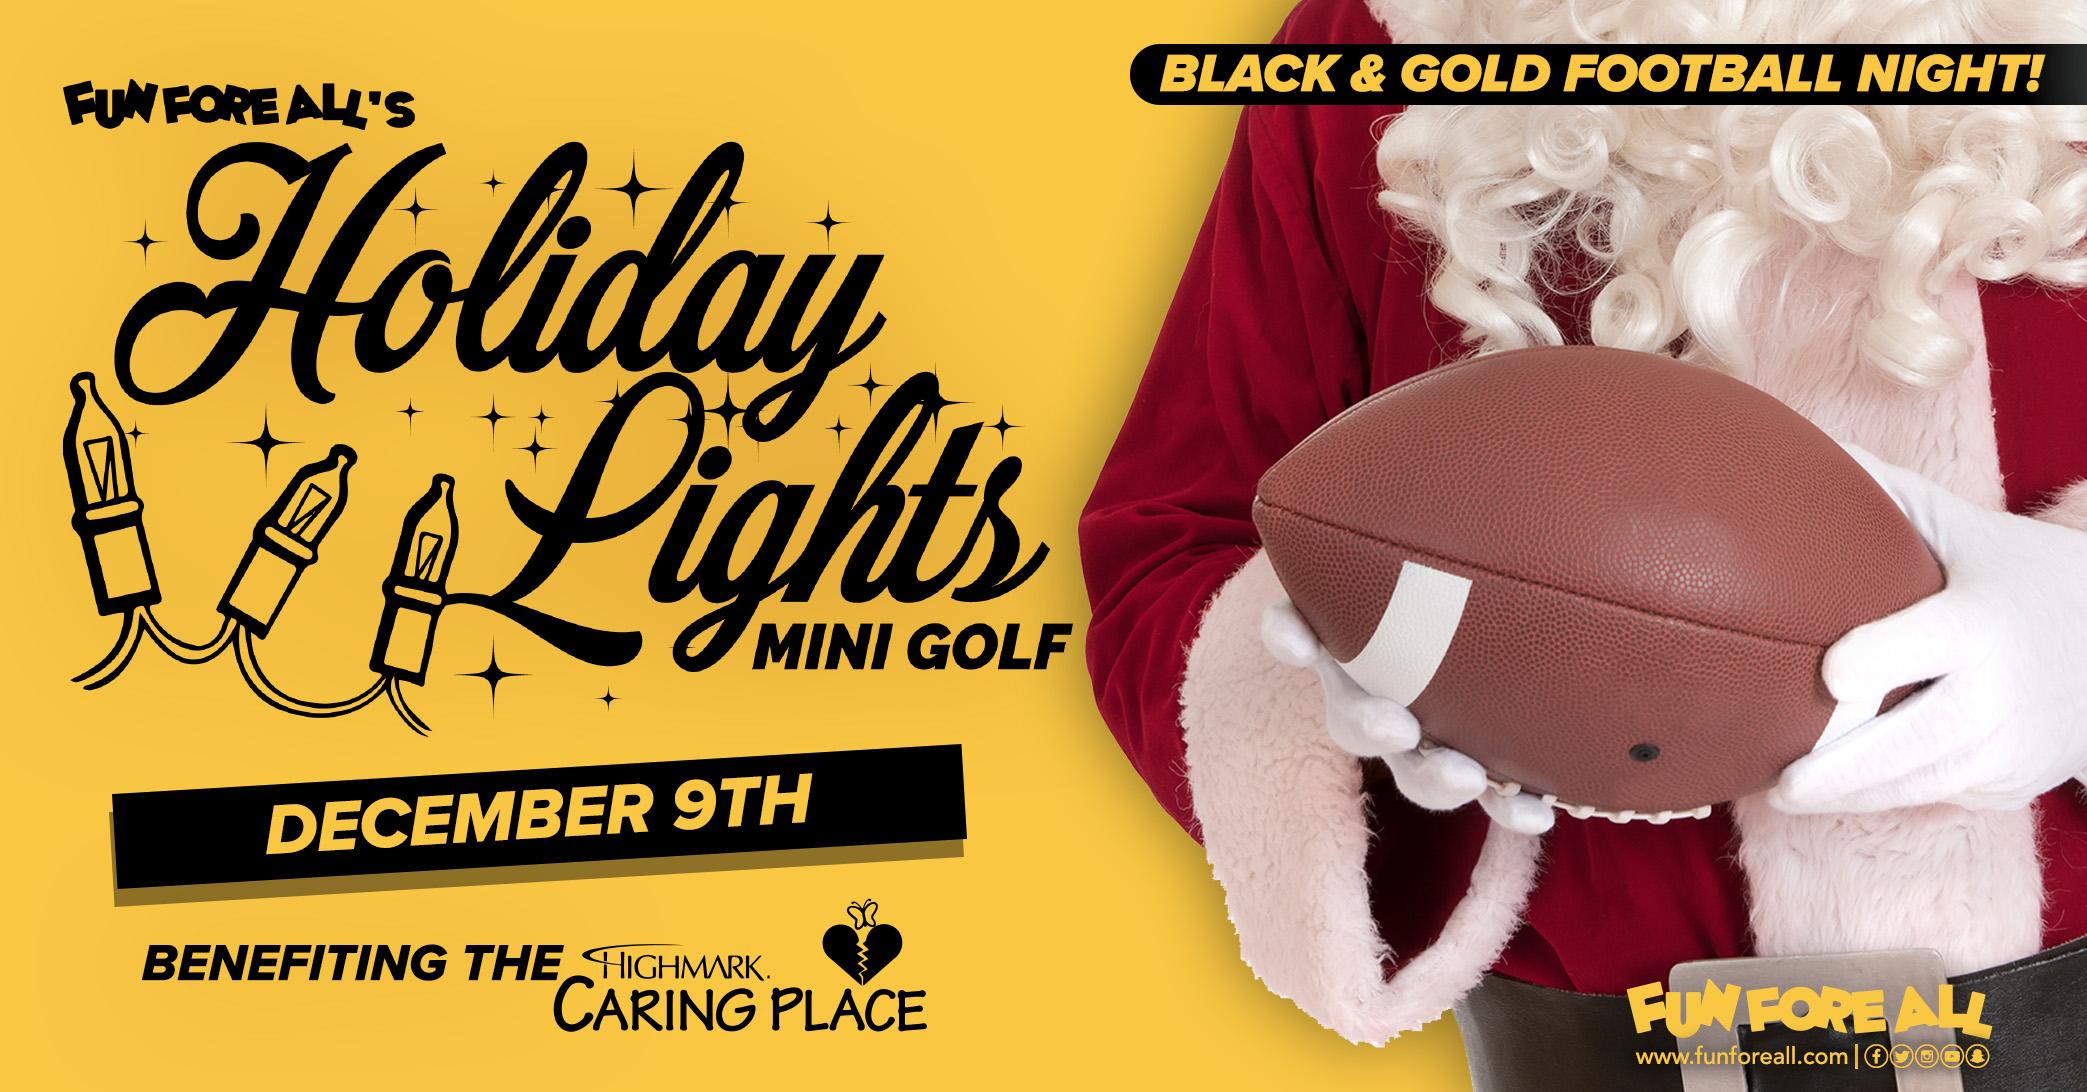 Facebook Invite (Holiday Lights - Black and Gold Football Night).jpg